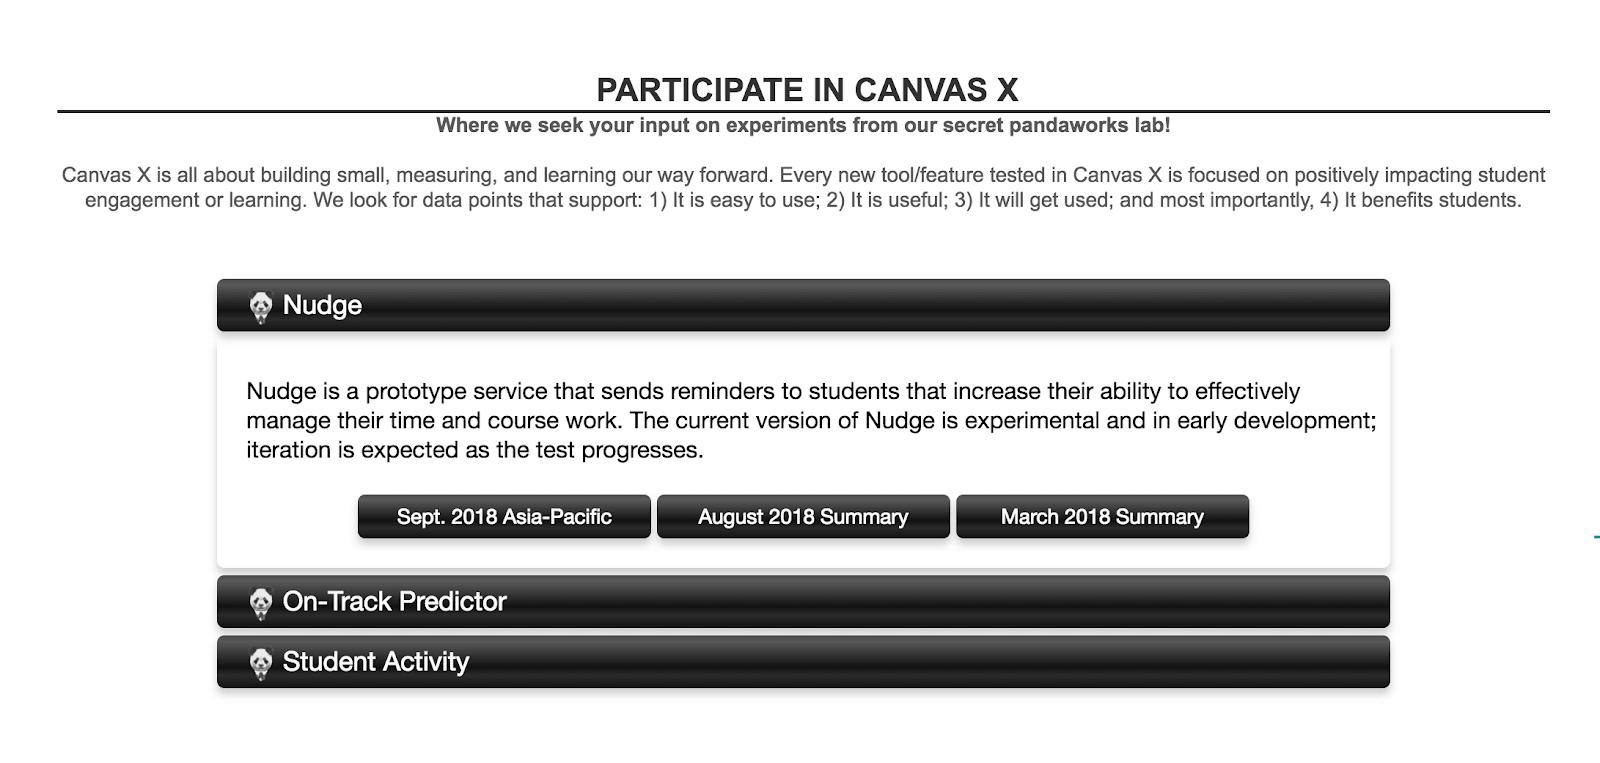 Participate in Canvas X screenshot